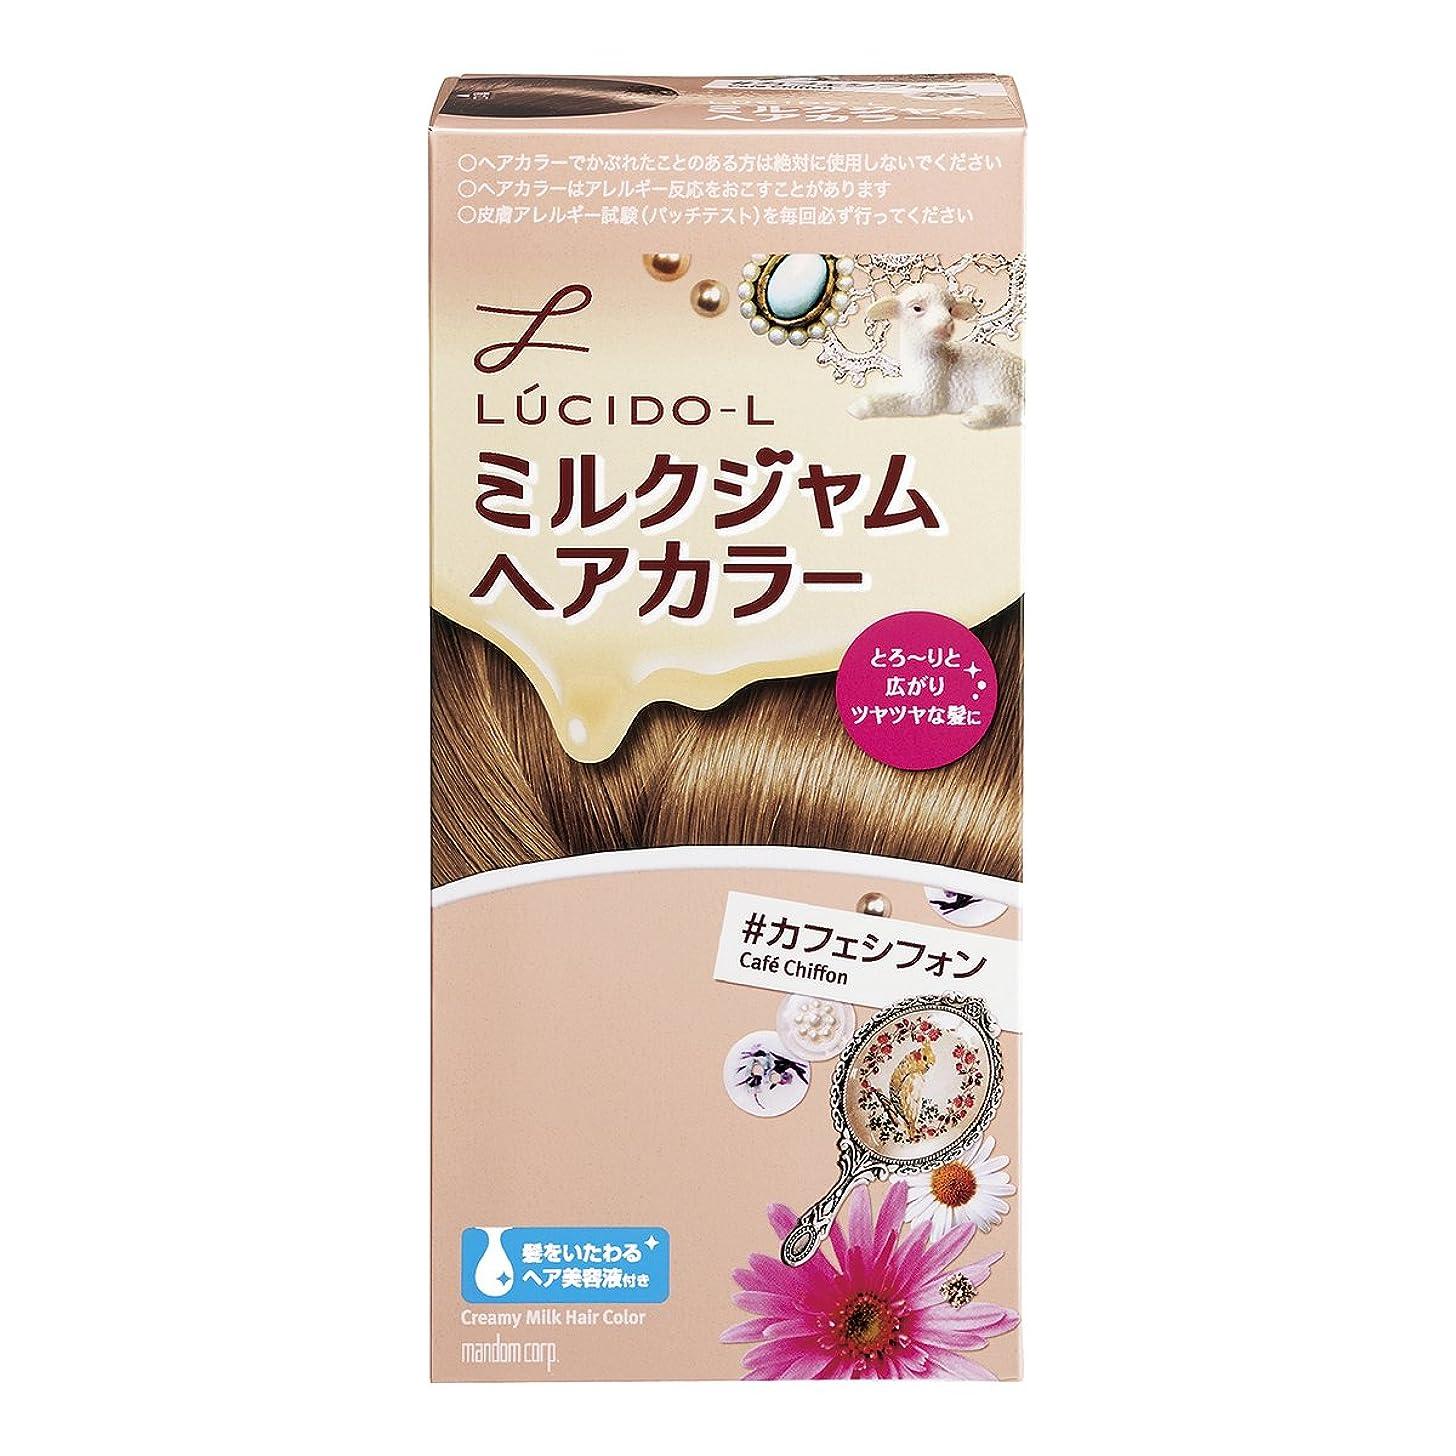 ペット難しいいらいらするLUCIDO-L (ルシードエル) ミルクジャムヘアカラー #カフェシフォン(医薬部外品) (1剤40g 2剤80mL TR5g)